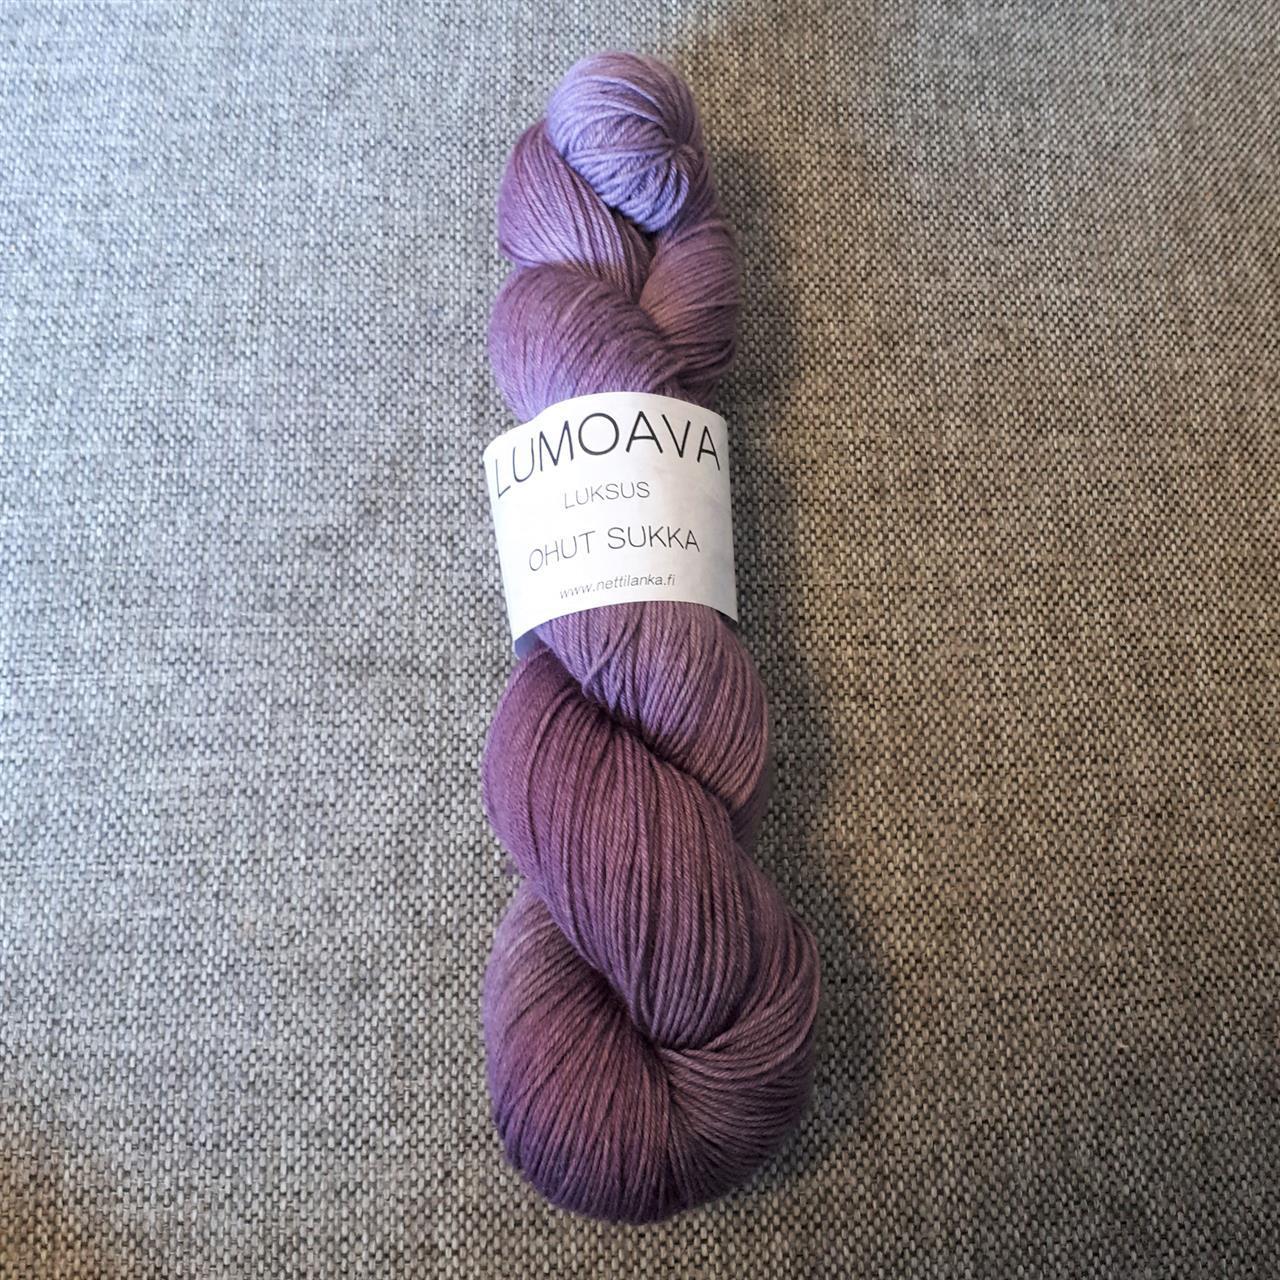 Sini-violetti